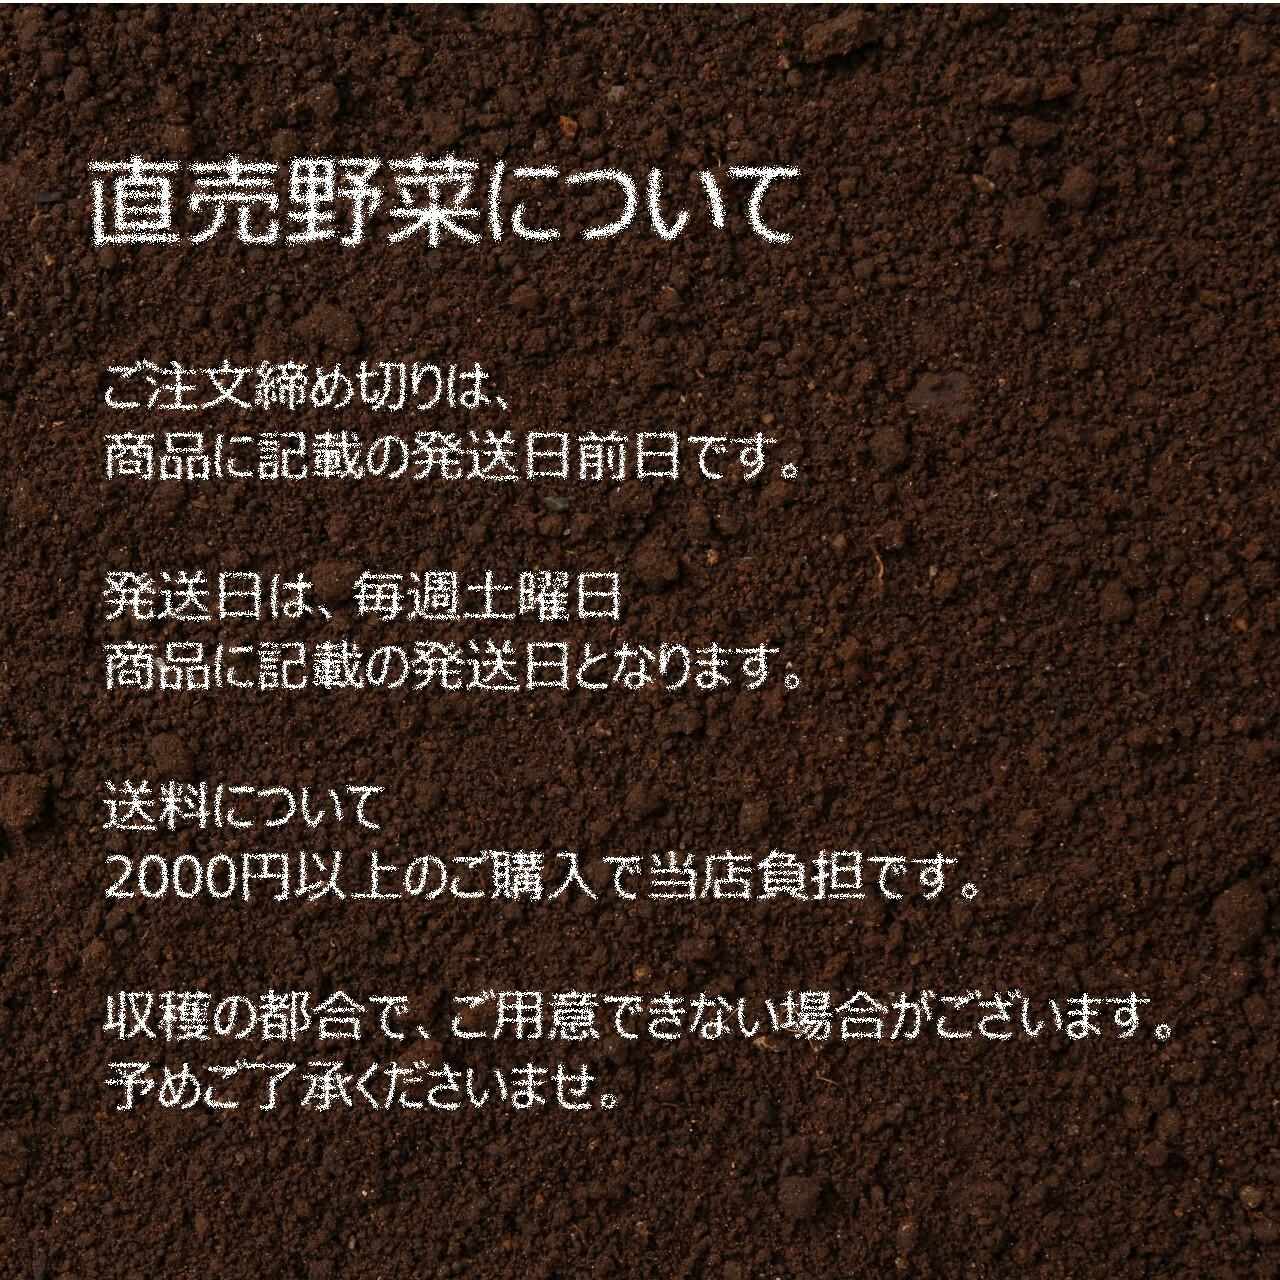 8月の新鮮な夏野菜 : トマト 約 2~3個 8月の朝採り直売野菜 8月17日発送予定